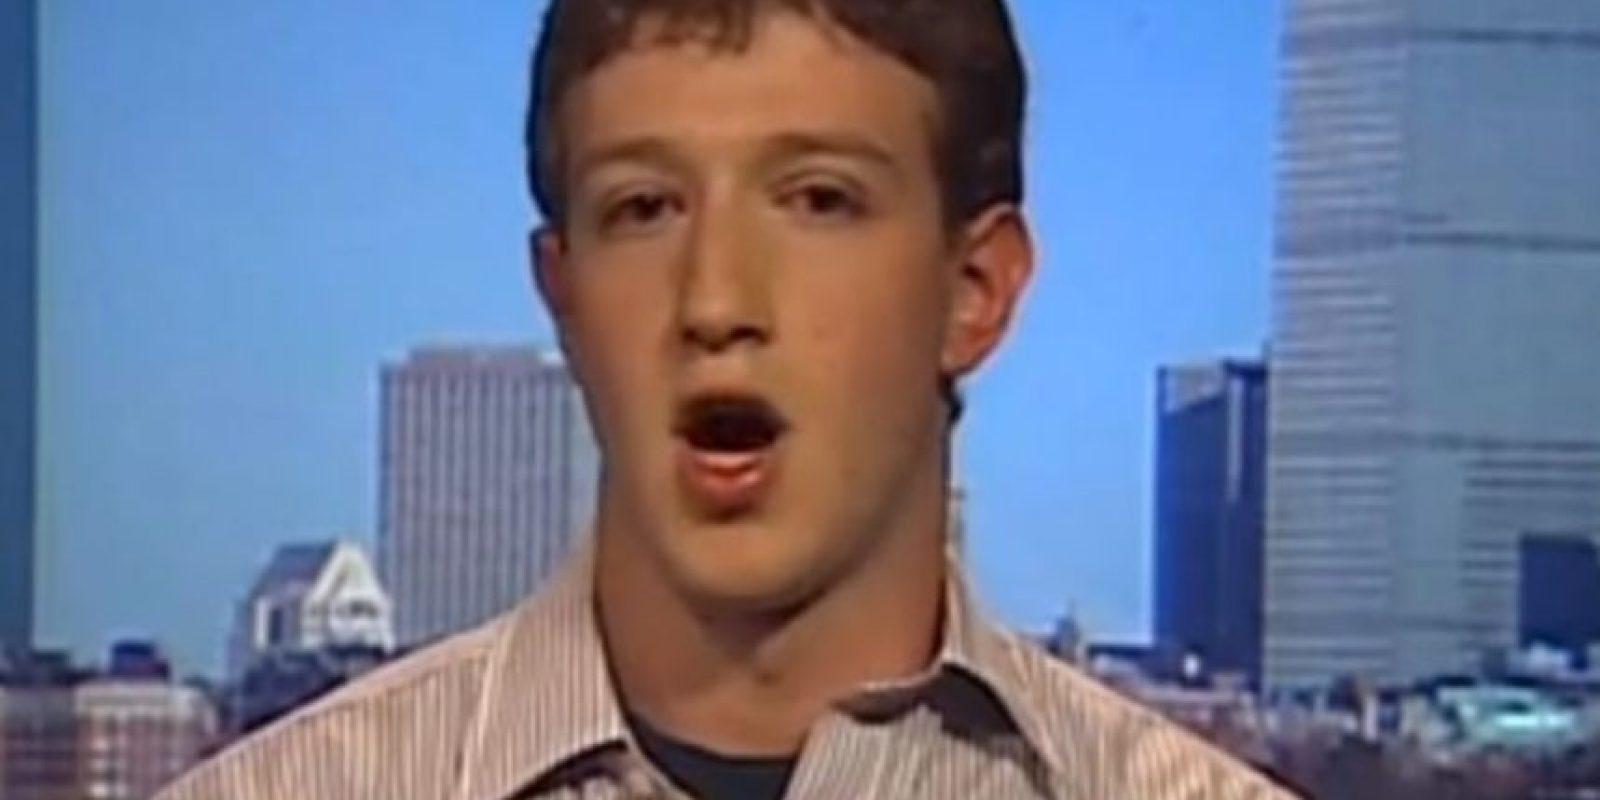 El fundador de Facebook hablaba de sus 100 mil seguidores. Foto:CNBC